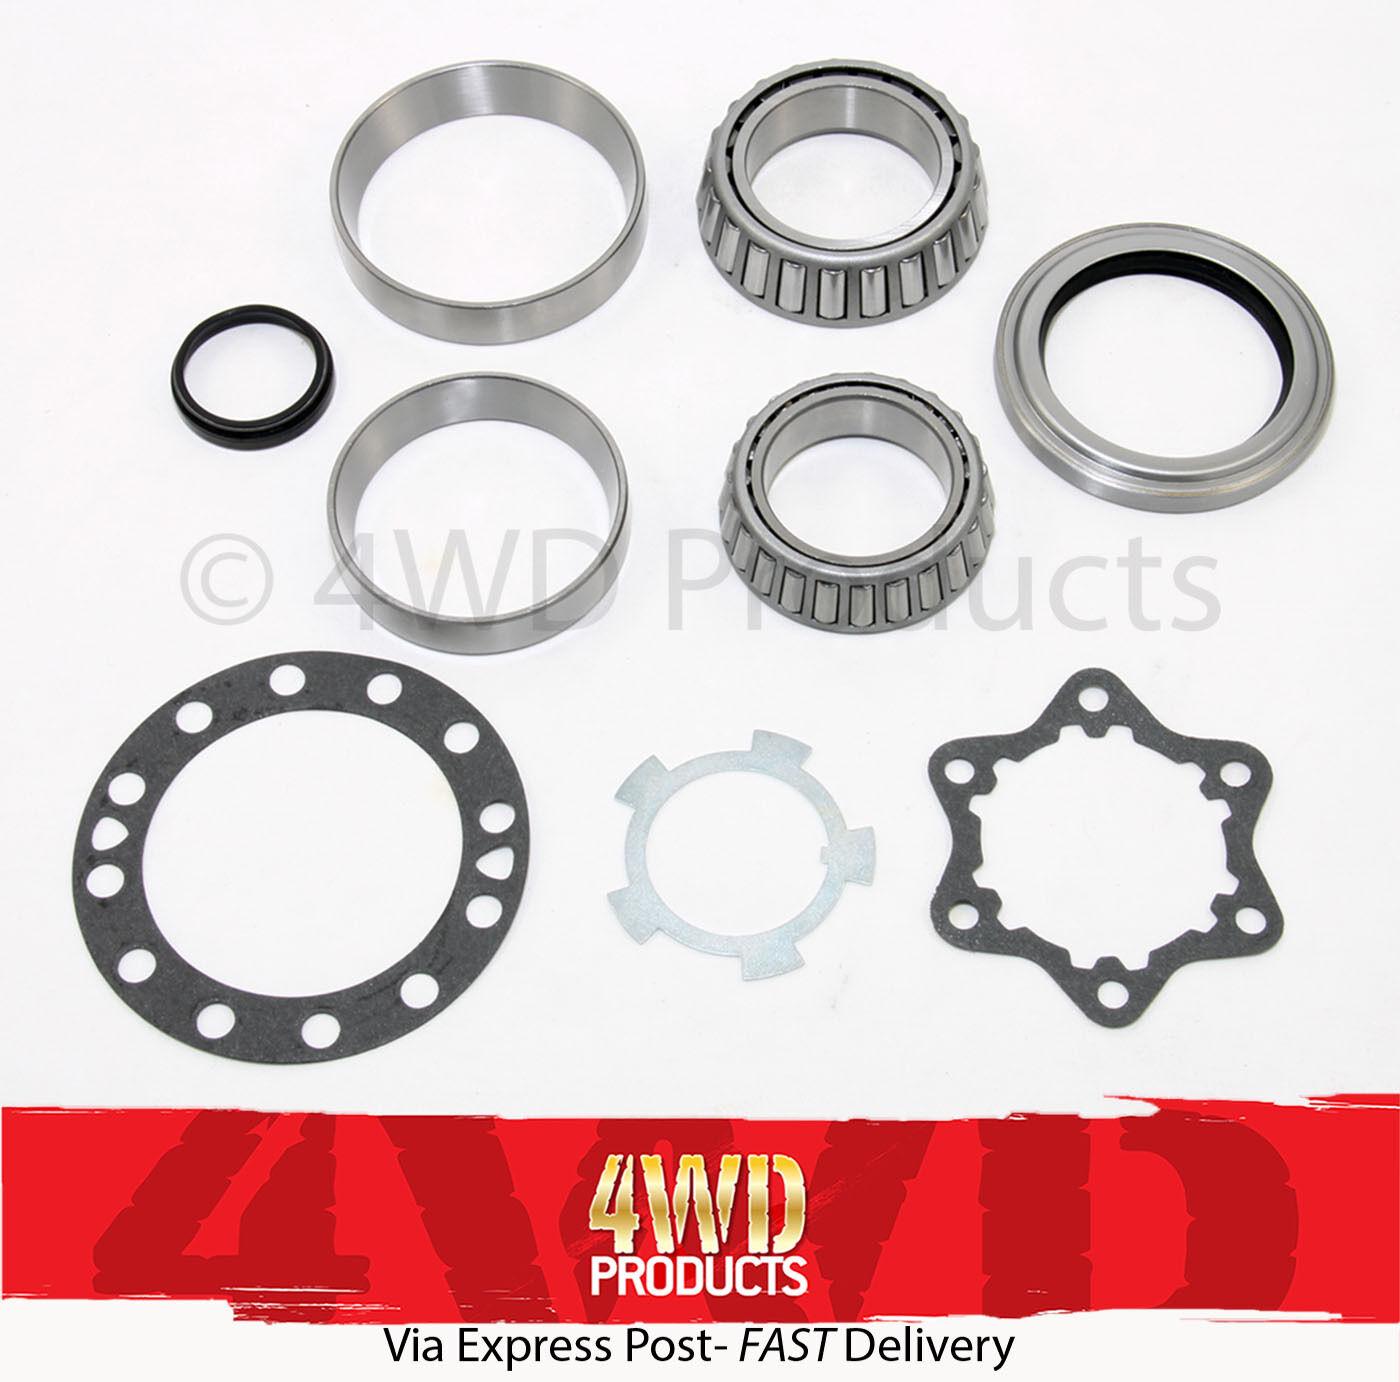 97-05 Front Wheel Bearing kit Hilux RZN169 RZN174 VZN167 LN167 LN174 KZN165